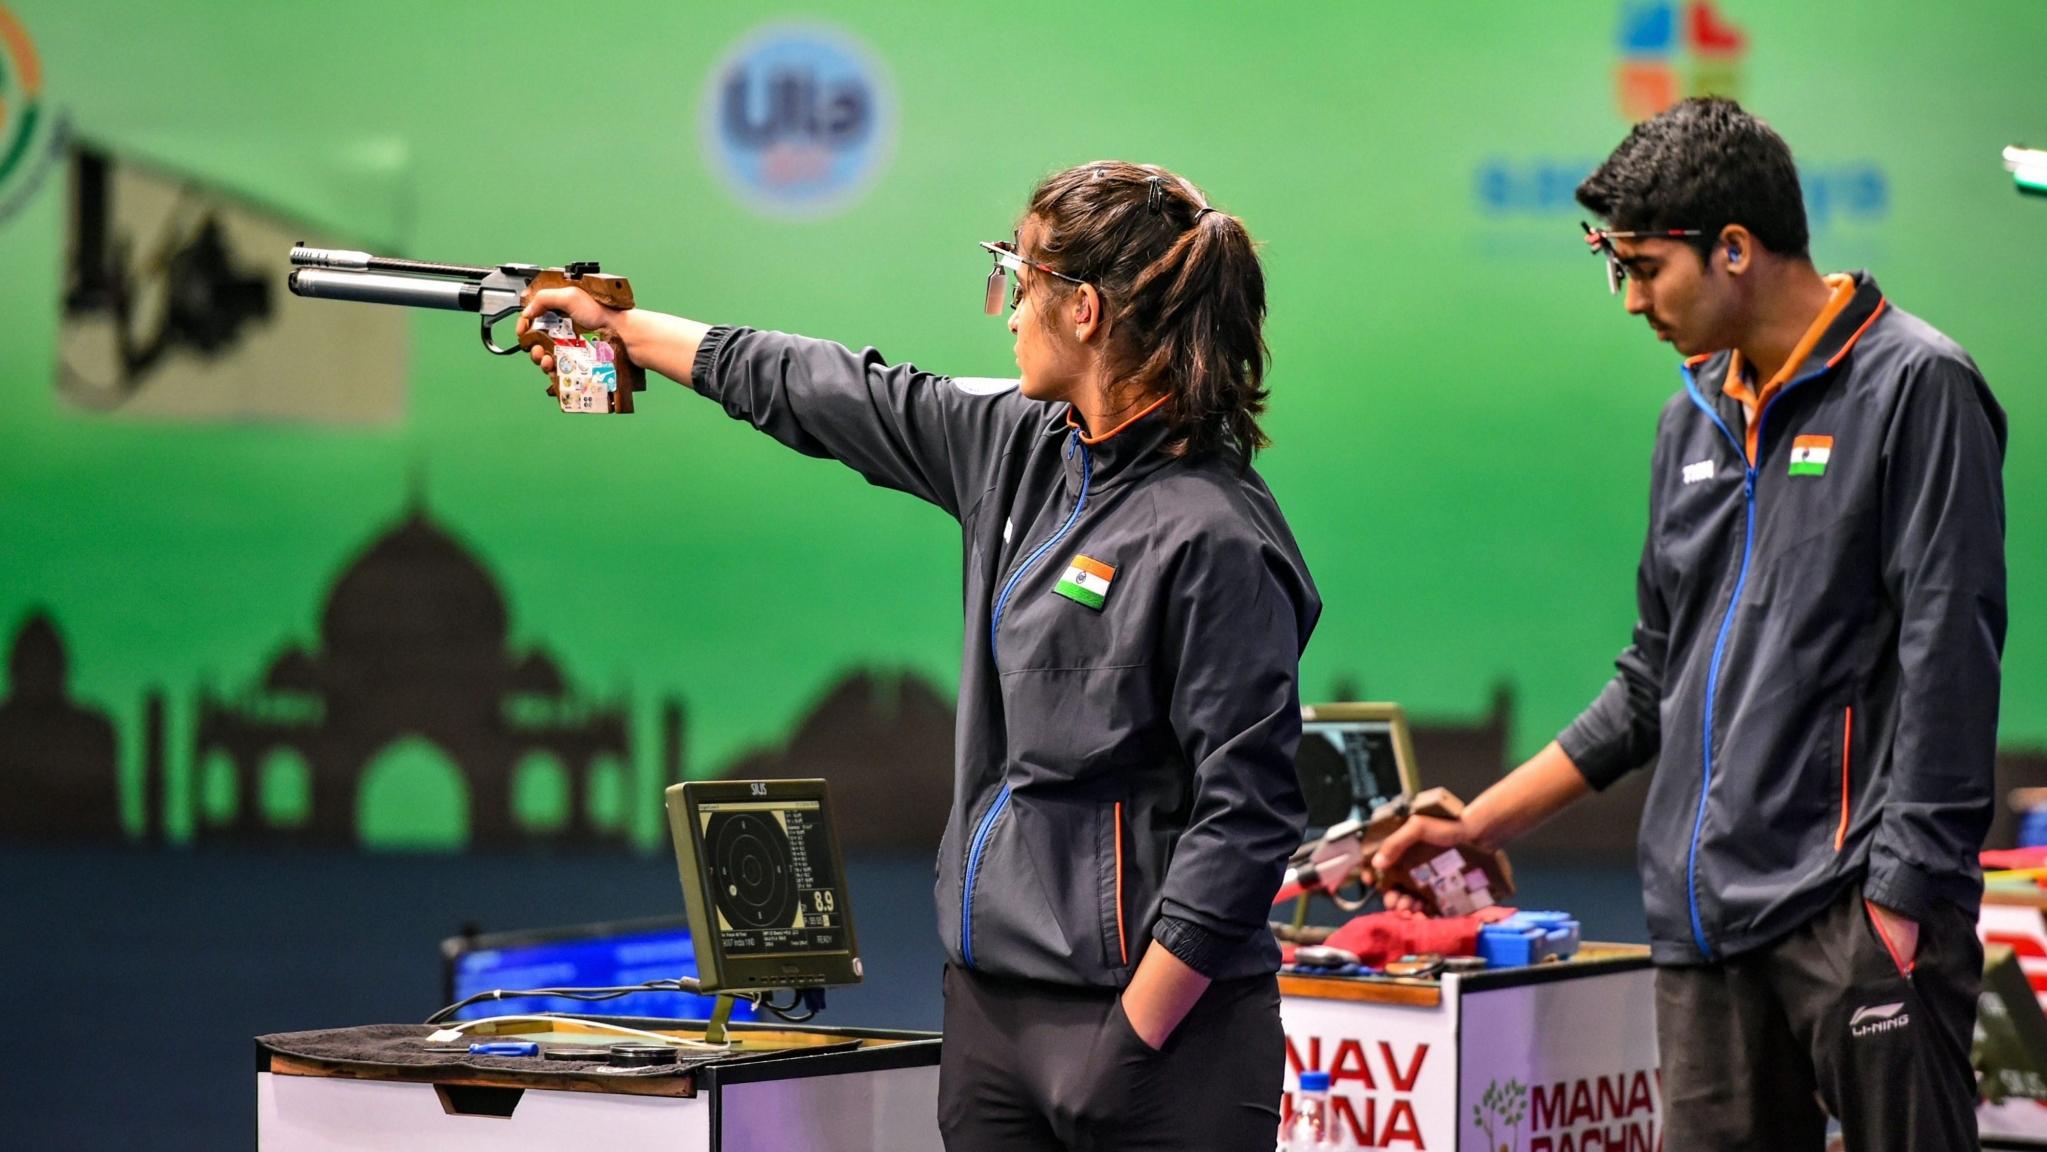 Indian Teenagers Manu, Saurabh Win Gold at Shooting World Cup